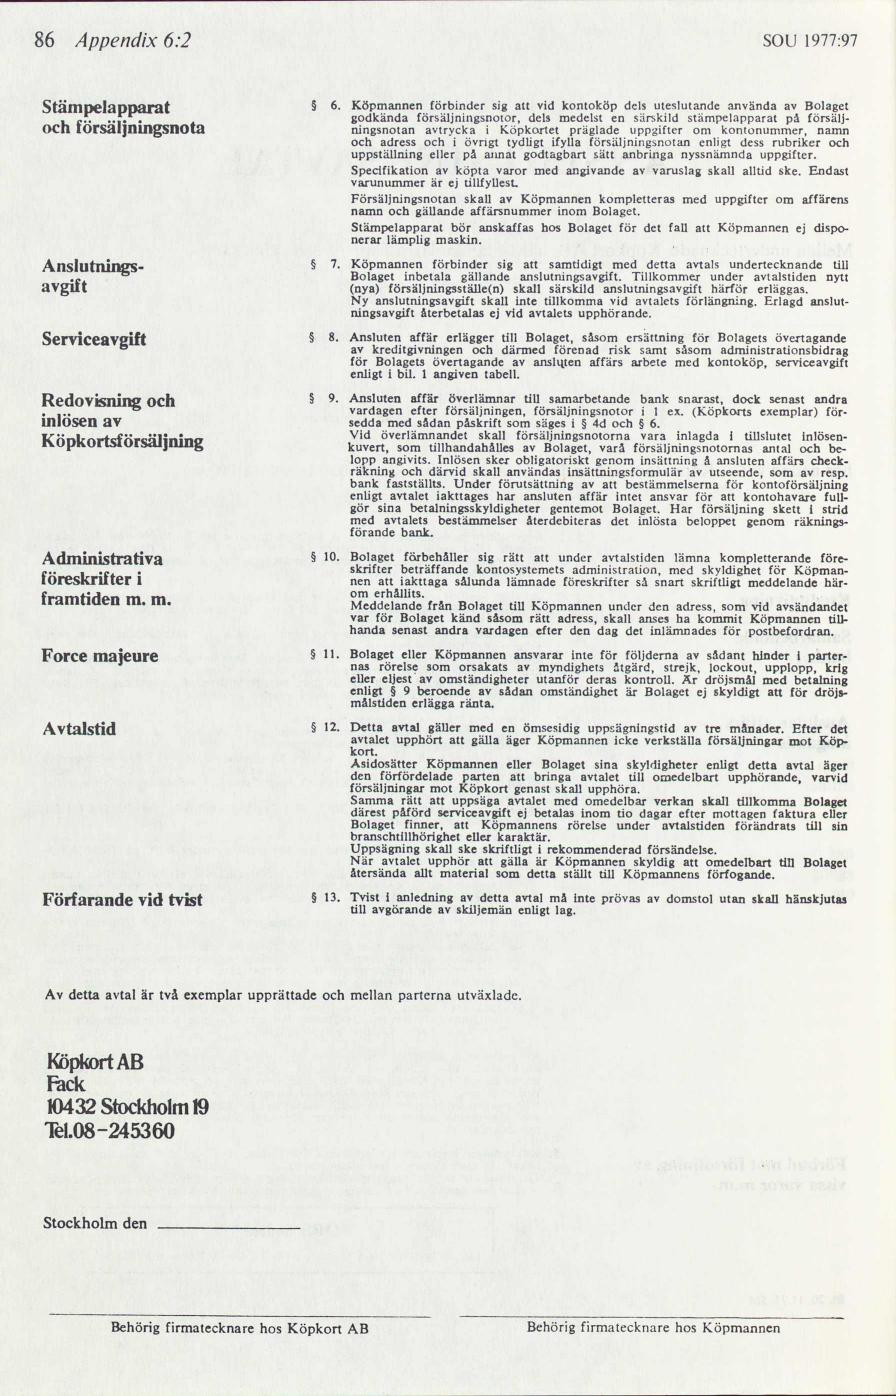 Nya oklarheter kring kopet av custodia